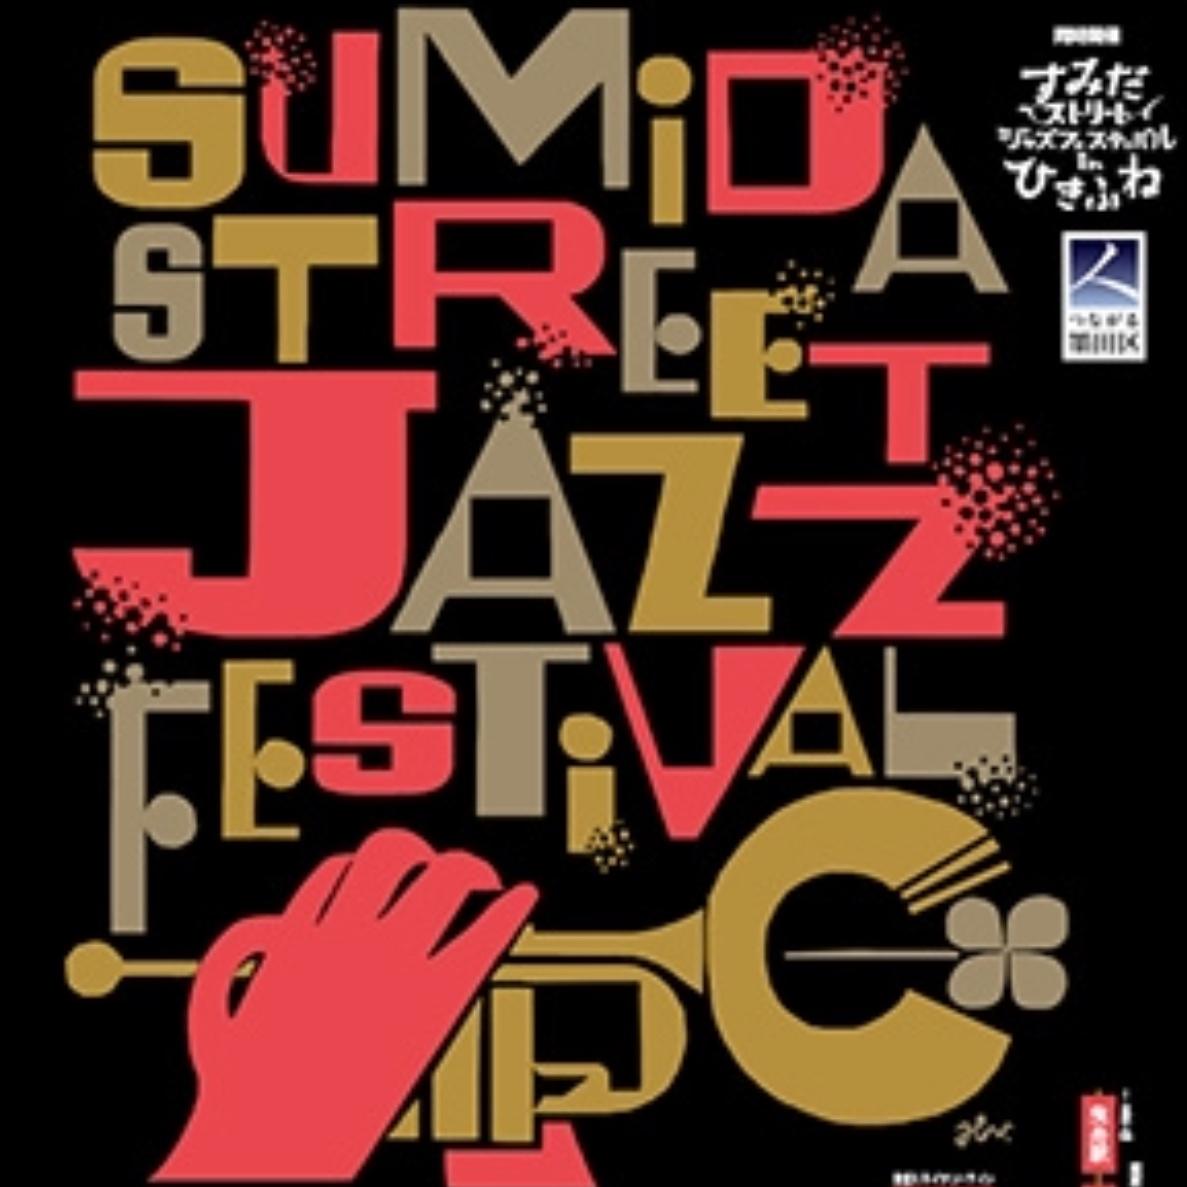 すみだストリートジャズフェスティバル